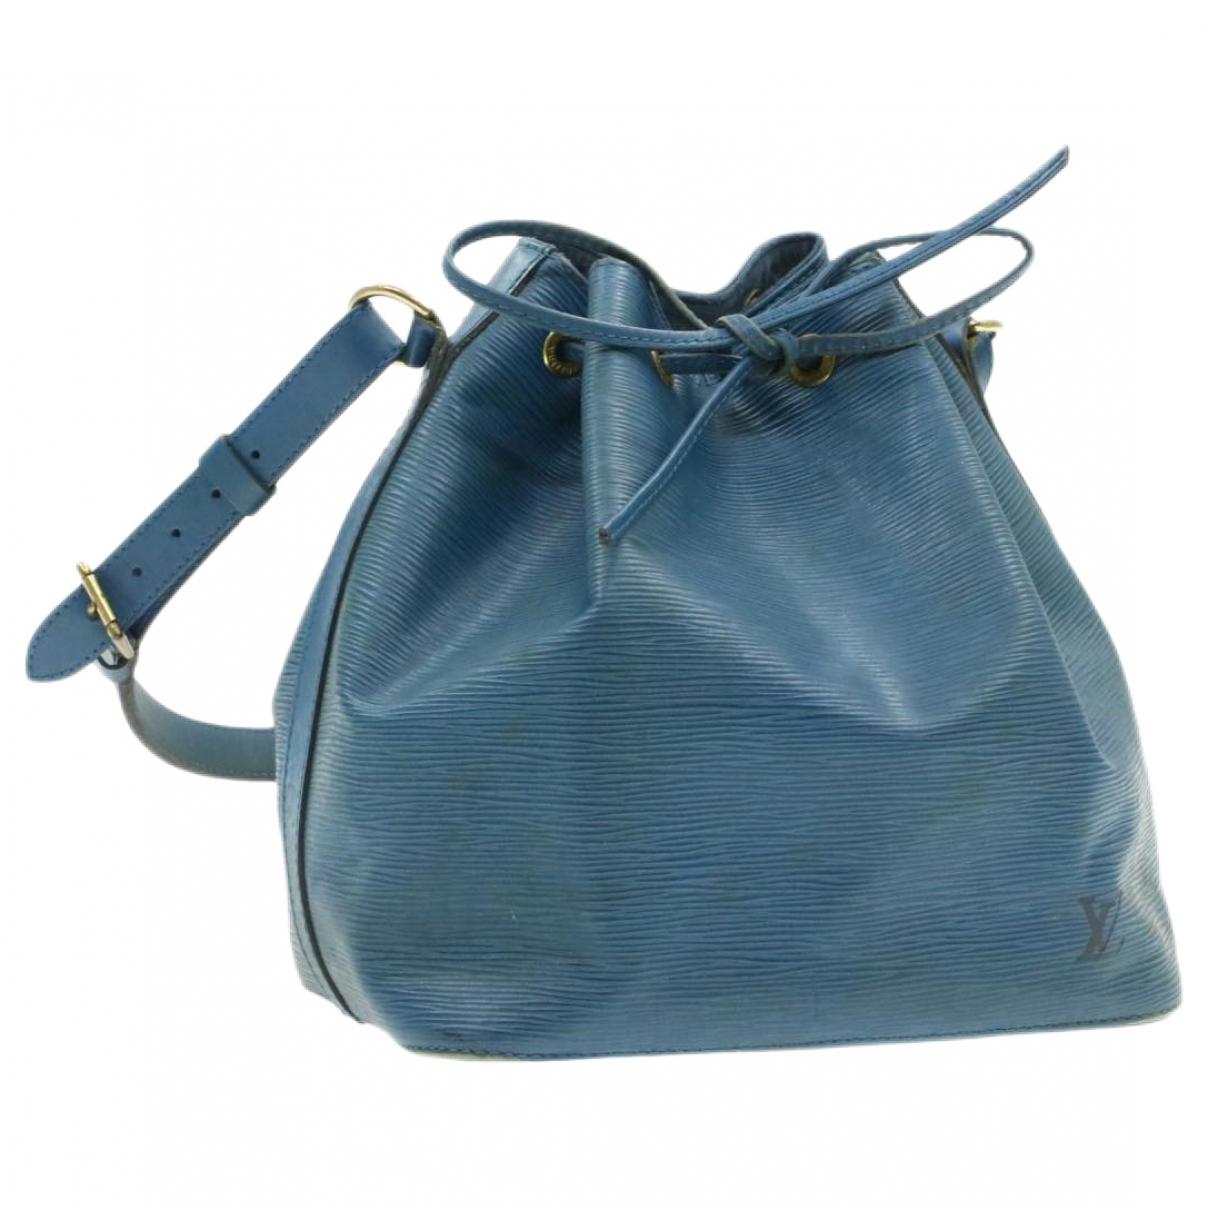 Louis Vuitton - Sac a main Petit Noe trunk pour femme en cuir - bleu